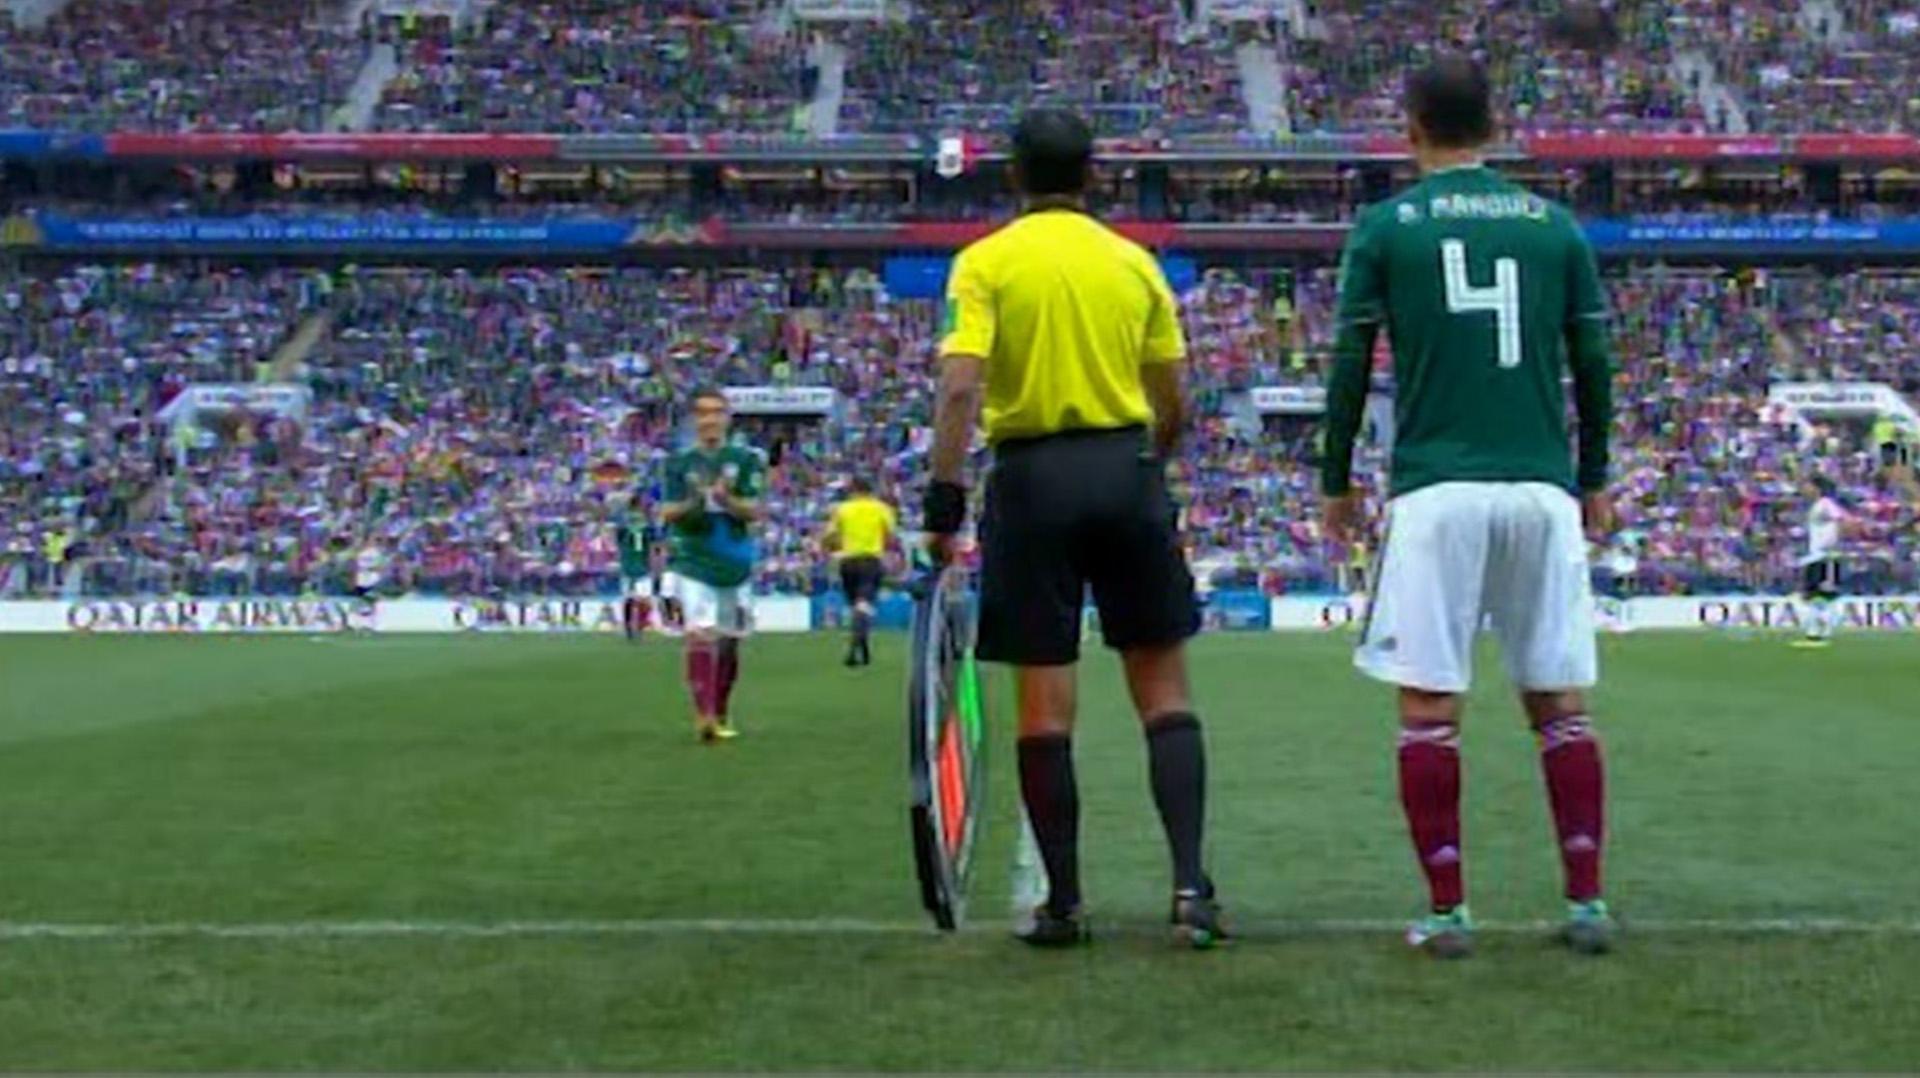 Márquez ingresa a la cancha contra Alemania en el debut mexicano en Rusia 2018 para jugar su quinto Mundial (Foto: Captura de pantalla)